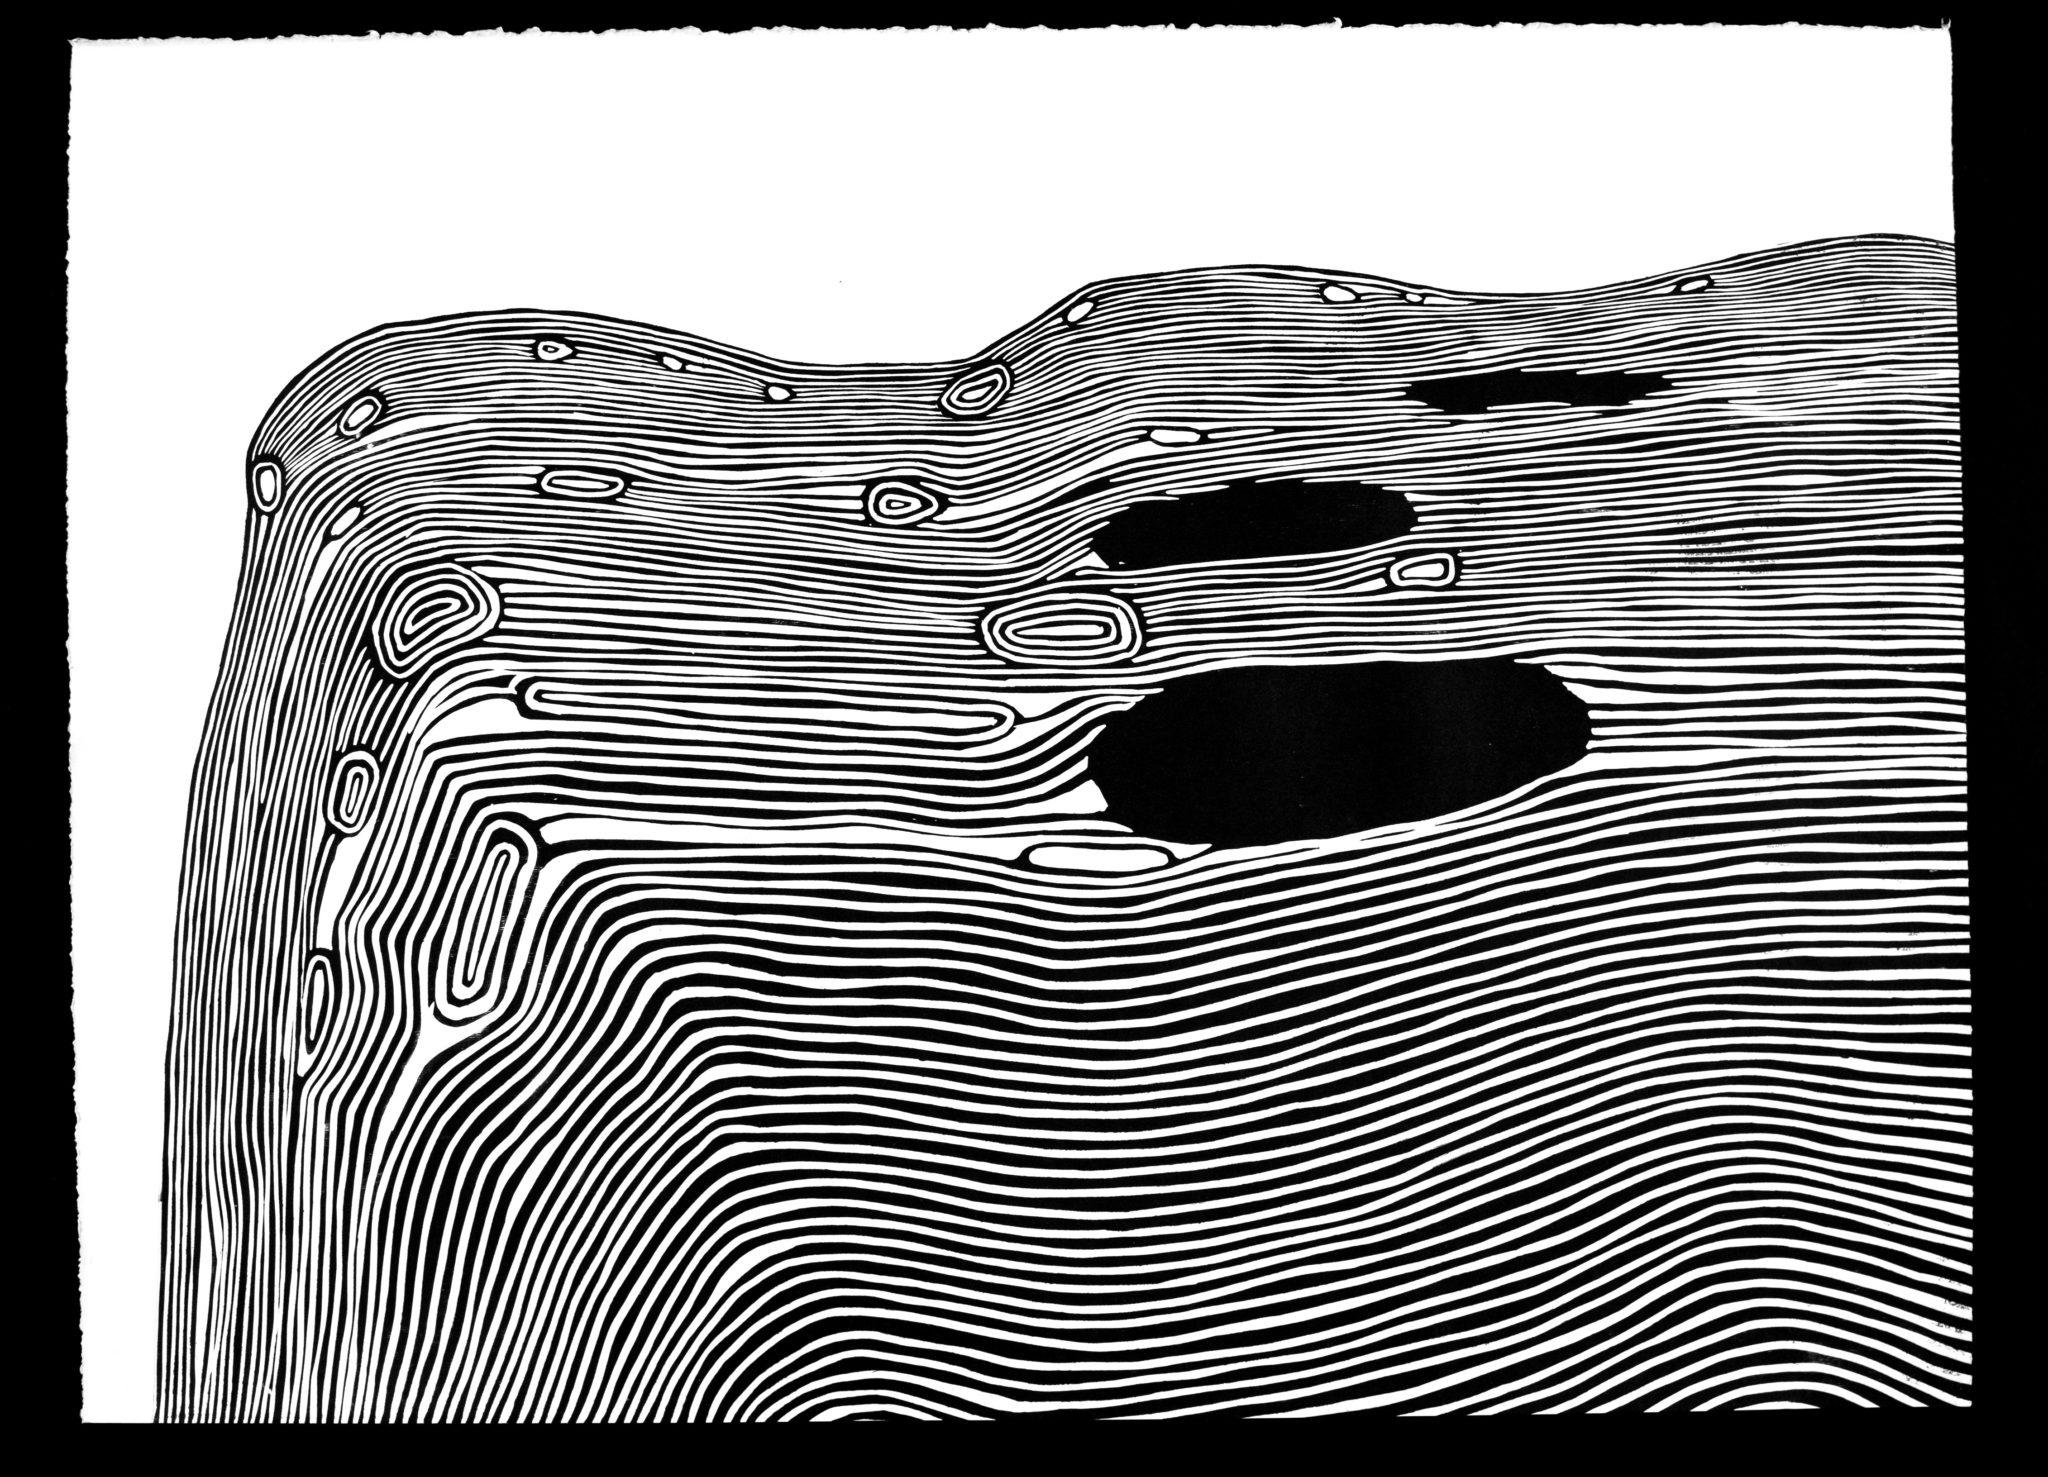 Linoryt Pejzaż 6 o wymiarach 100x70 cm